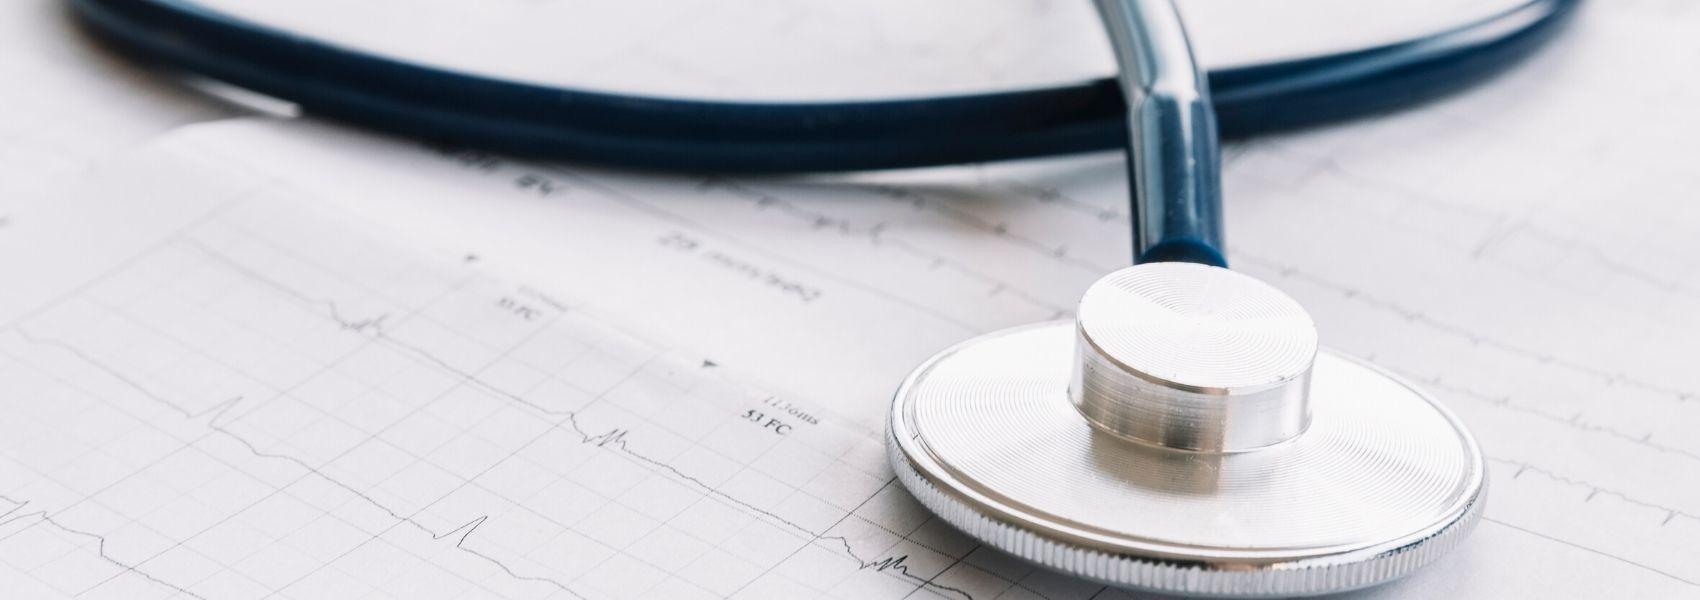 Vídeos ajudam a esclarecer dúvidas sobre pandemia e doenças cardiovasculares